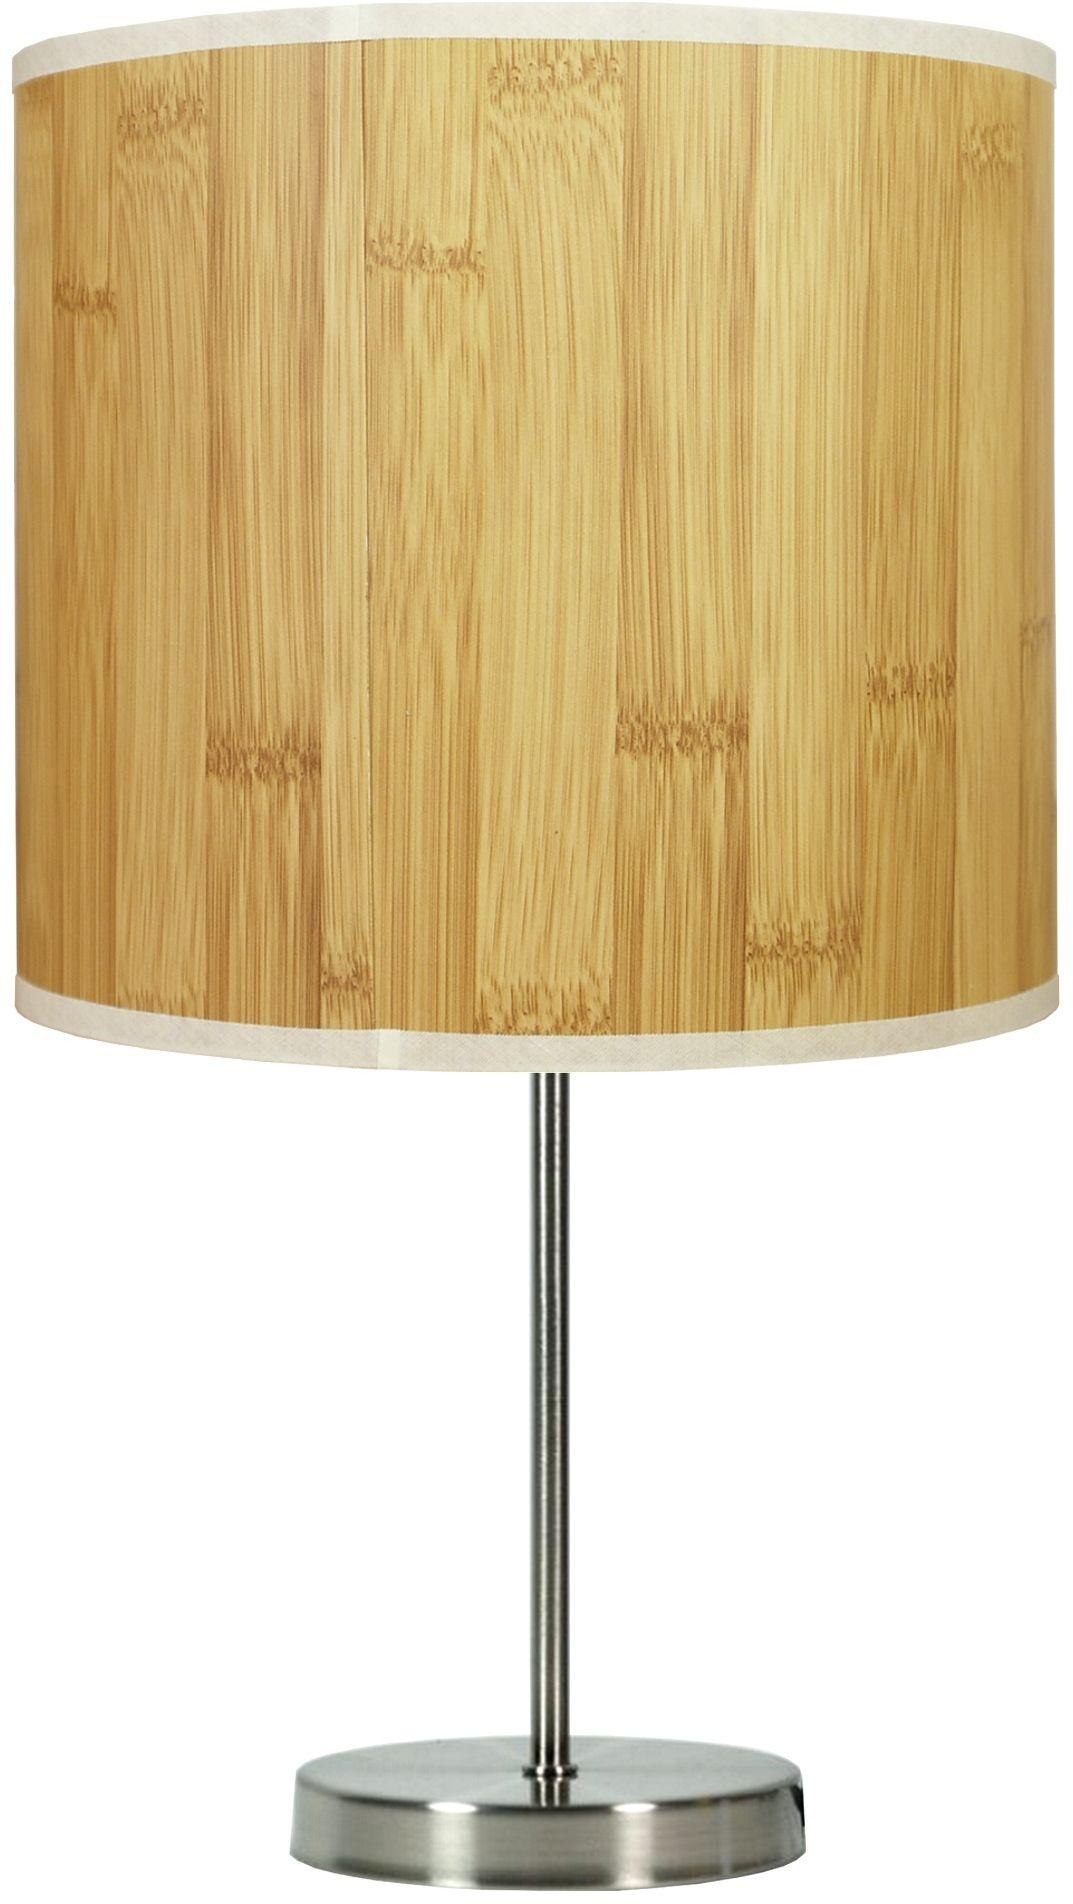 Candellux TIMBER 41-56712 lampa stołowa abażur z tworzywa o fakturze drewna 1X60W E27 20 cm